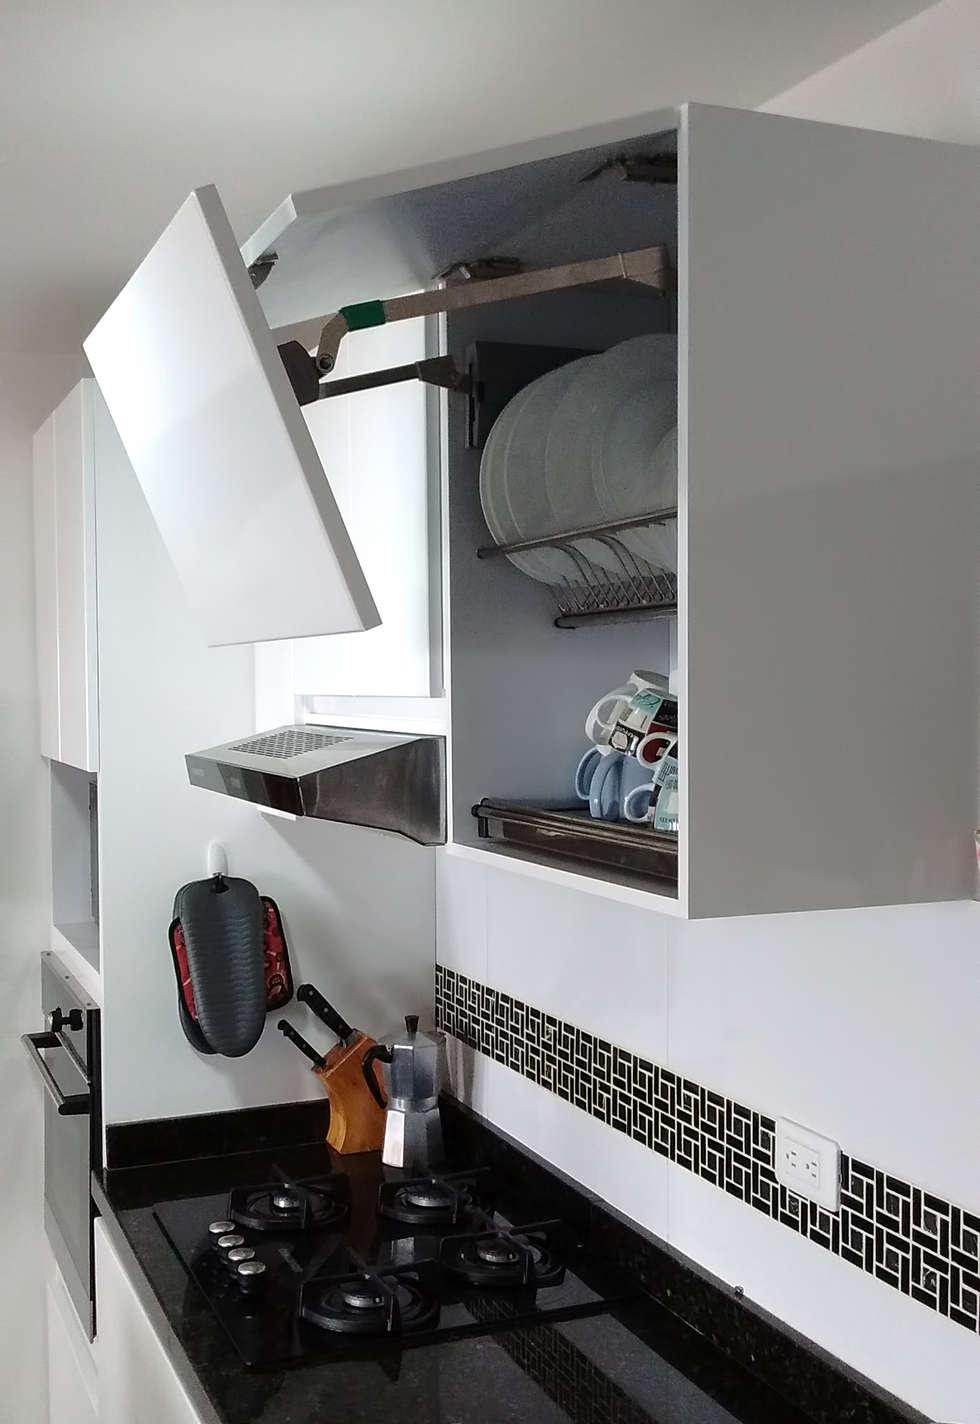 Gabinetes con puertas articuladas: Cocinas de estilo moderno por Remodelar Proyectos Integrales